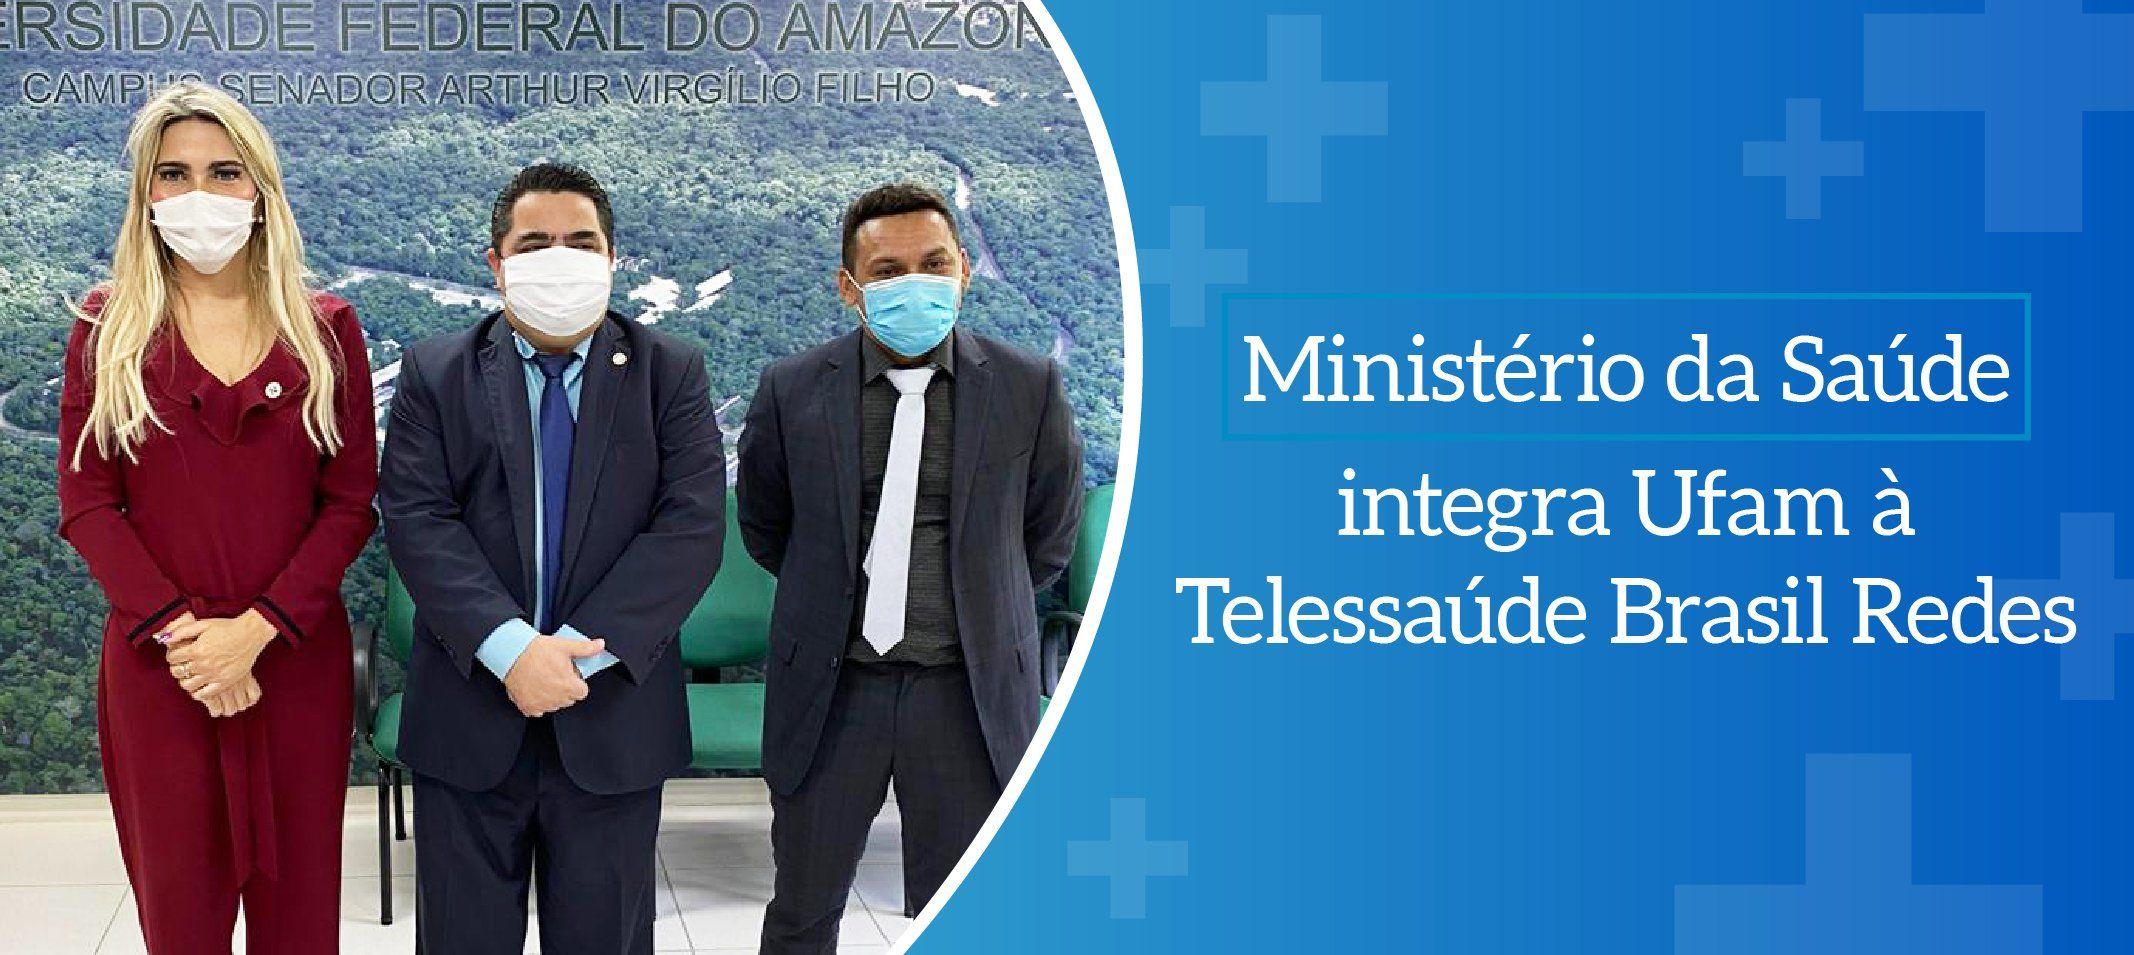 Ministério da Saúde pretende integrar a Gerência de Telessaúde da Ufam ao Programa Telessaúde Brasil Redes